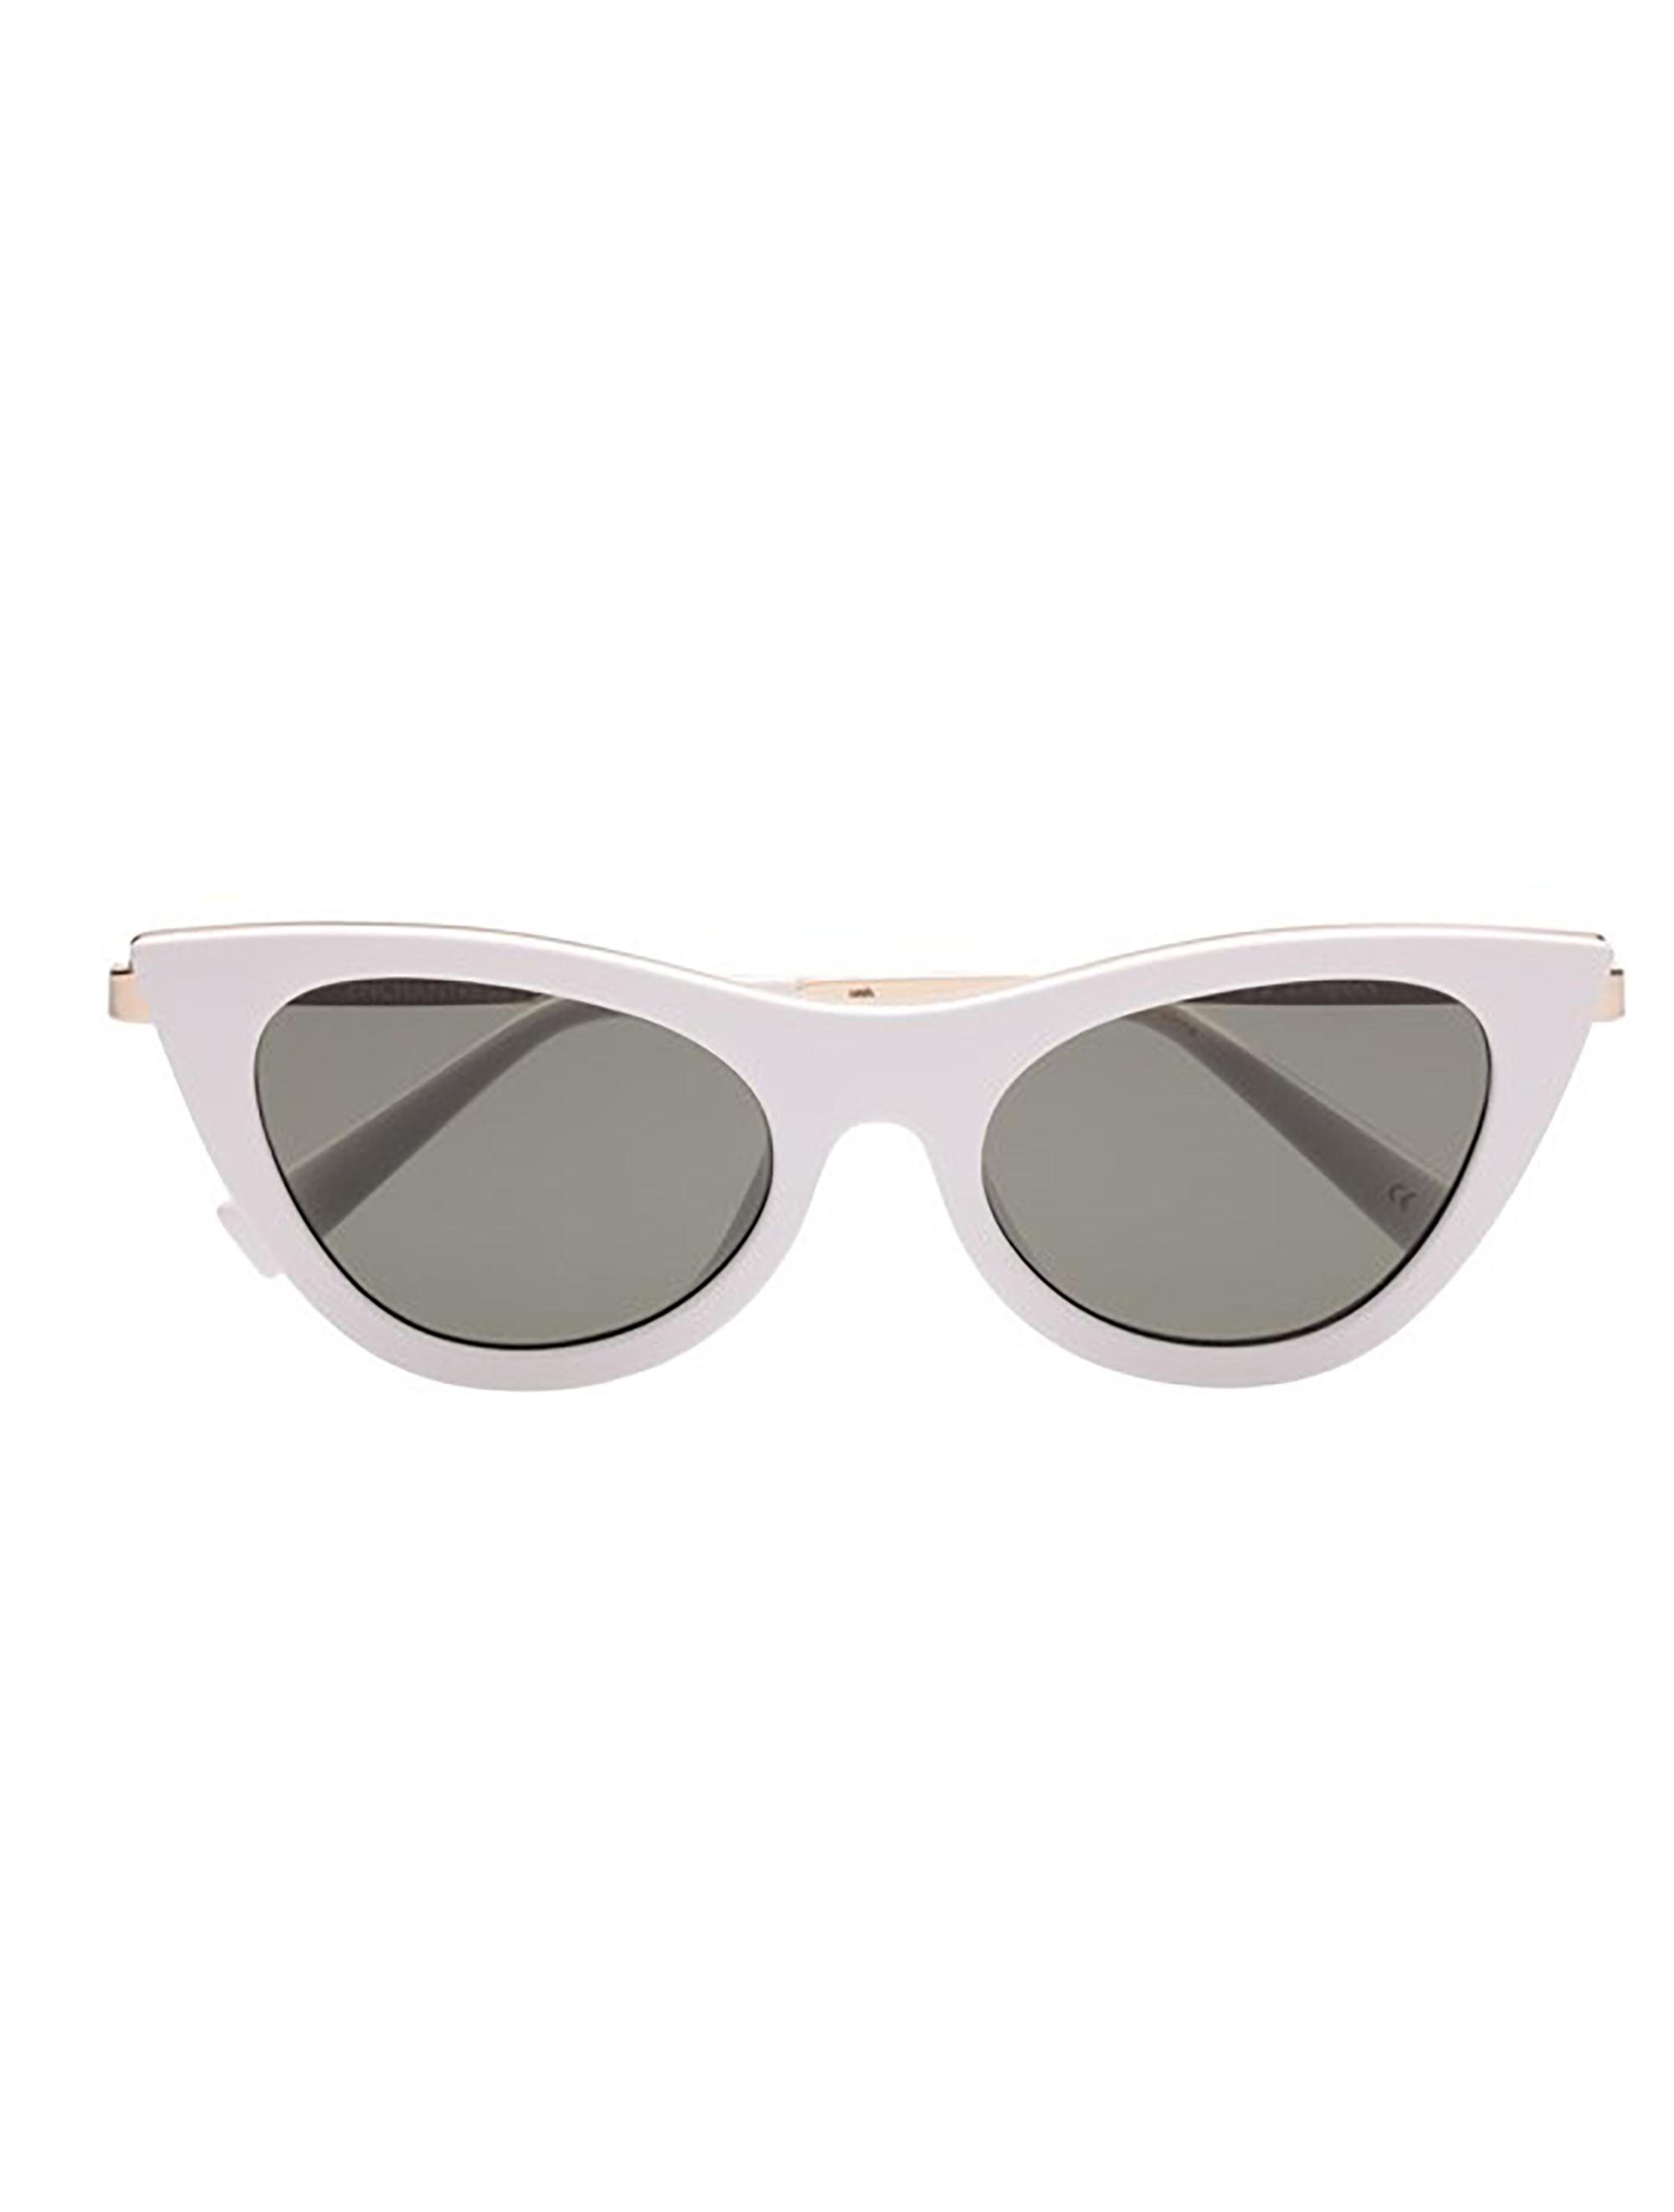 Picture of Le Specs | Enchantress Sunglasses